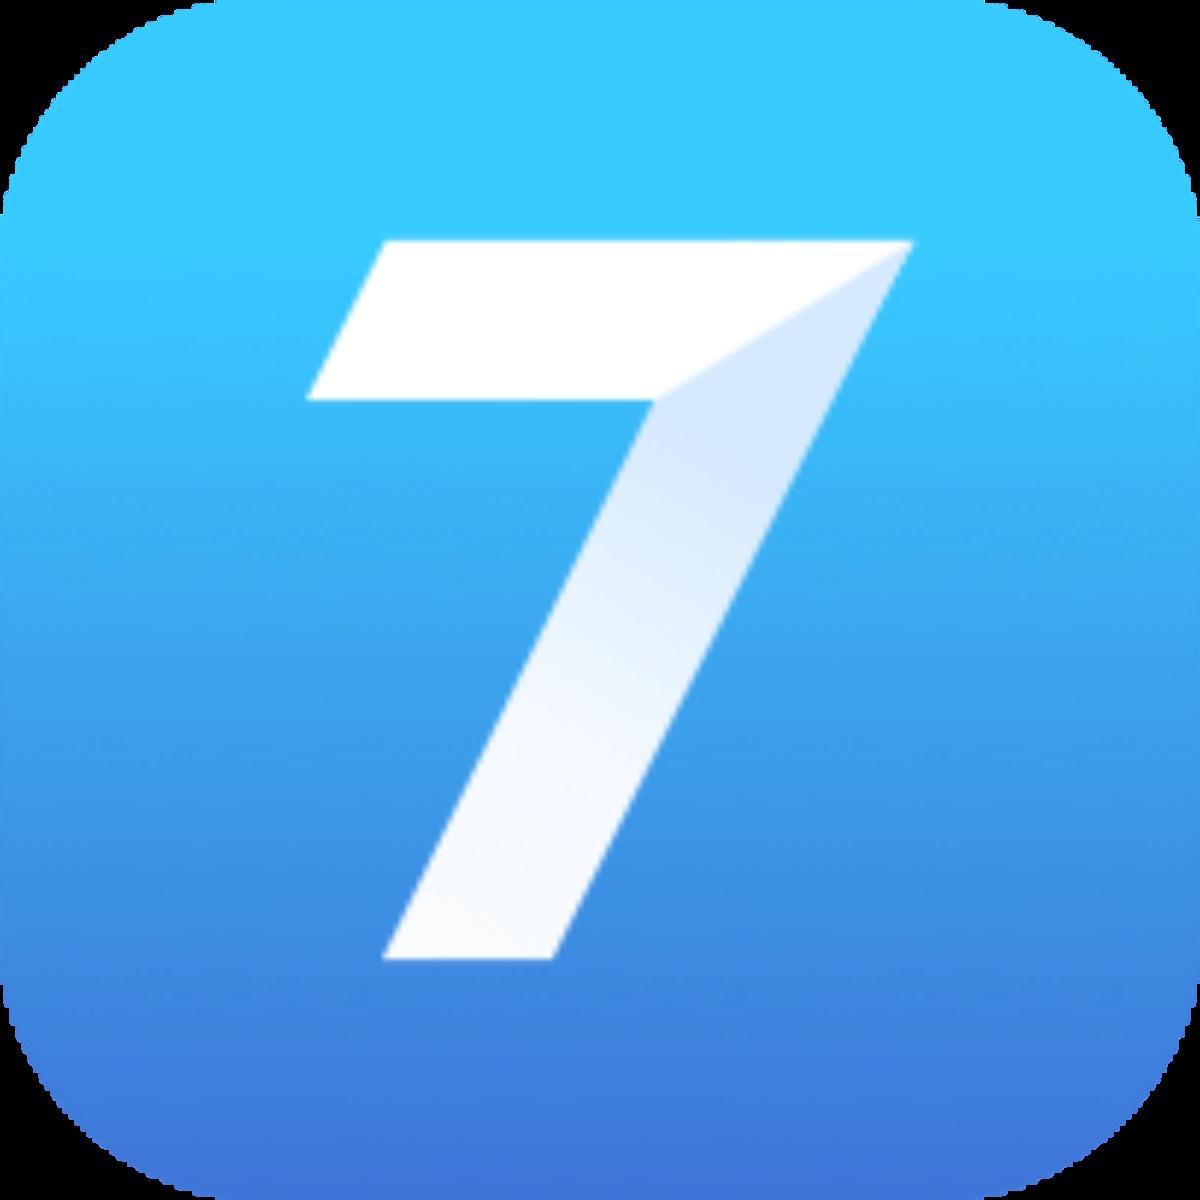 Icon seven 2x